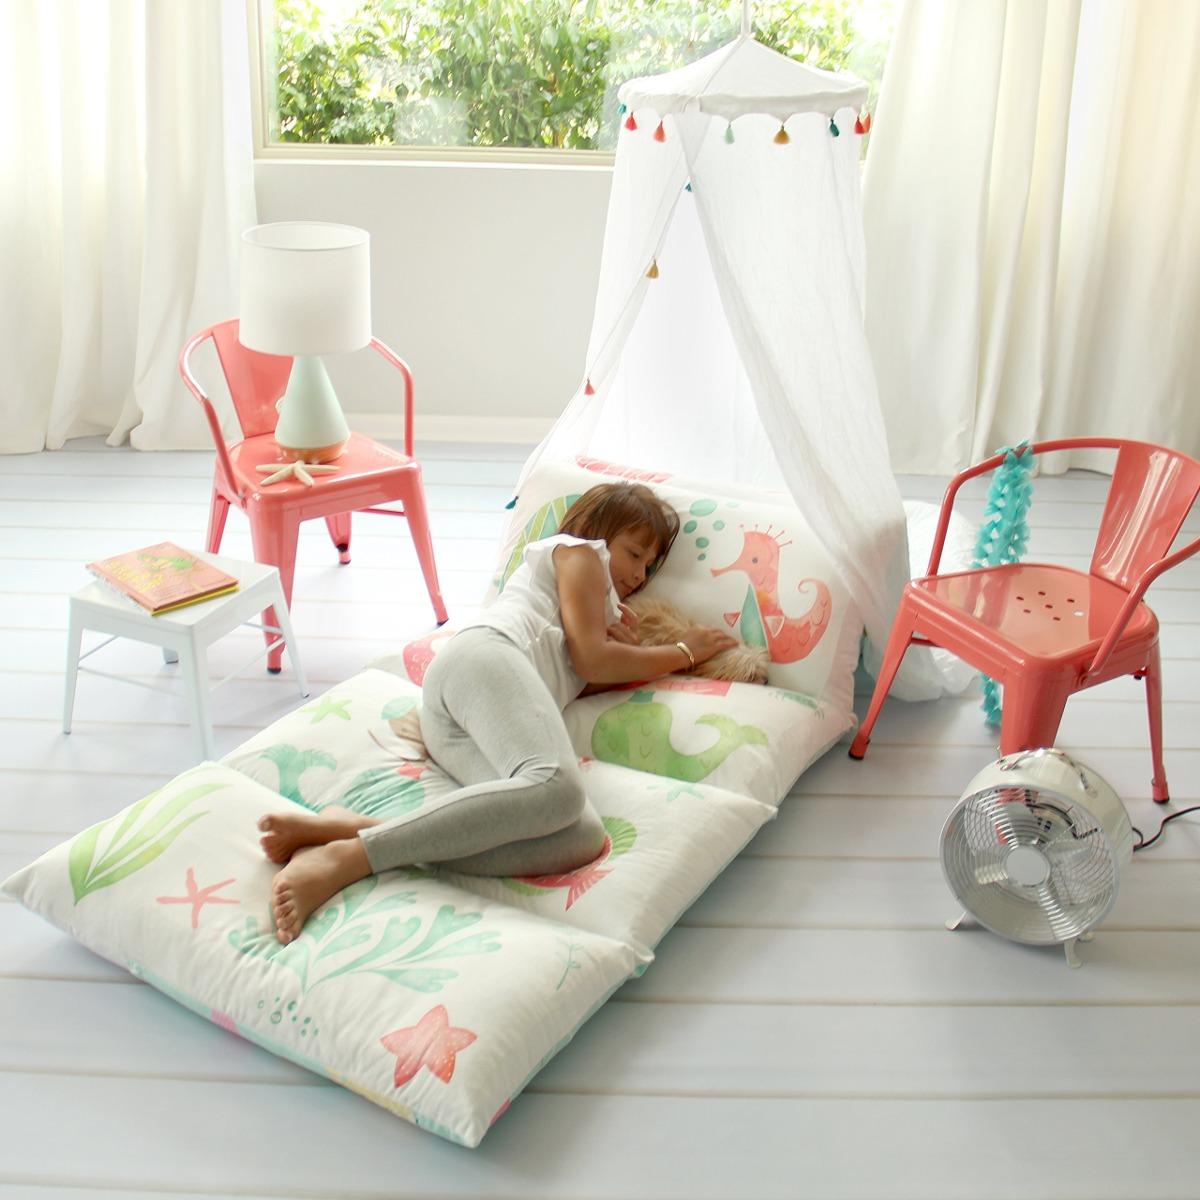 70a25a310a4 funda de almohada para piso para niños - use como tapete. Cargando zoom.